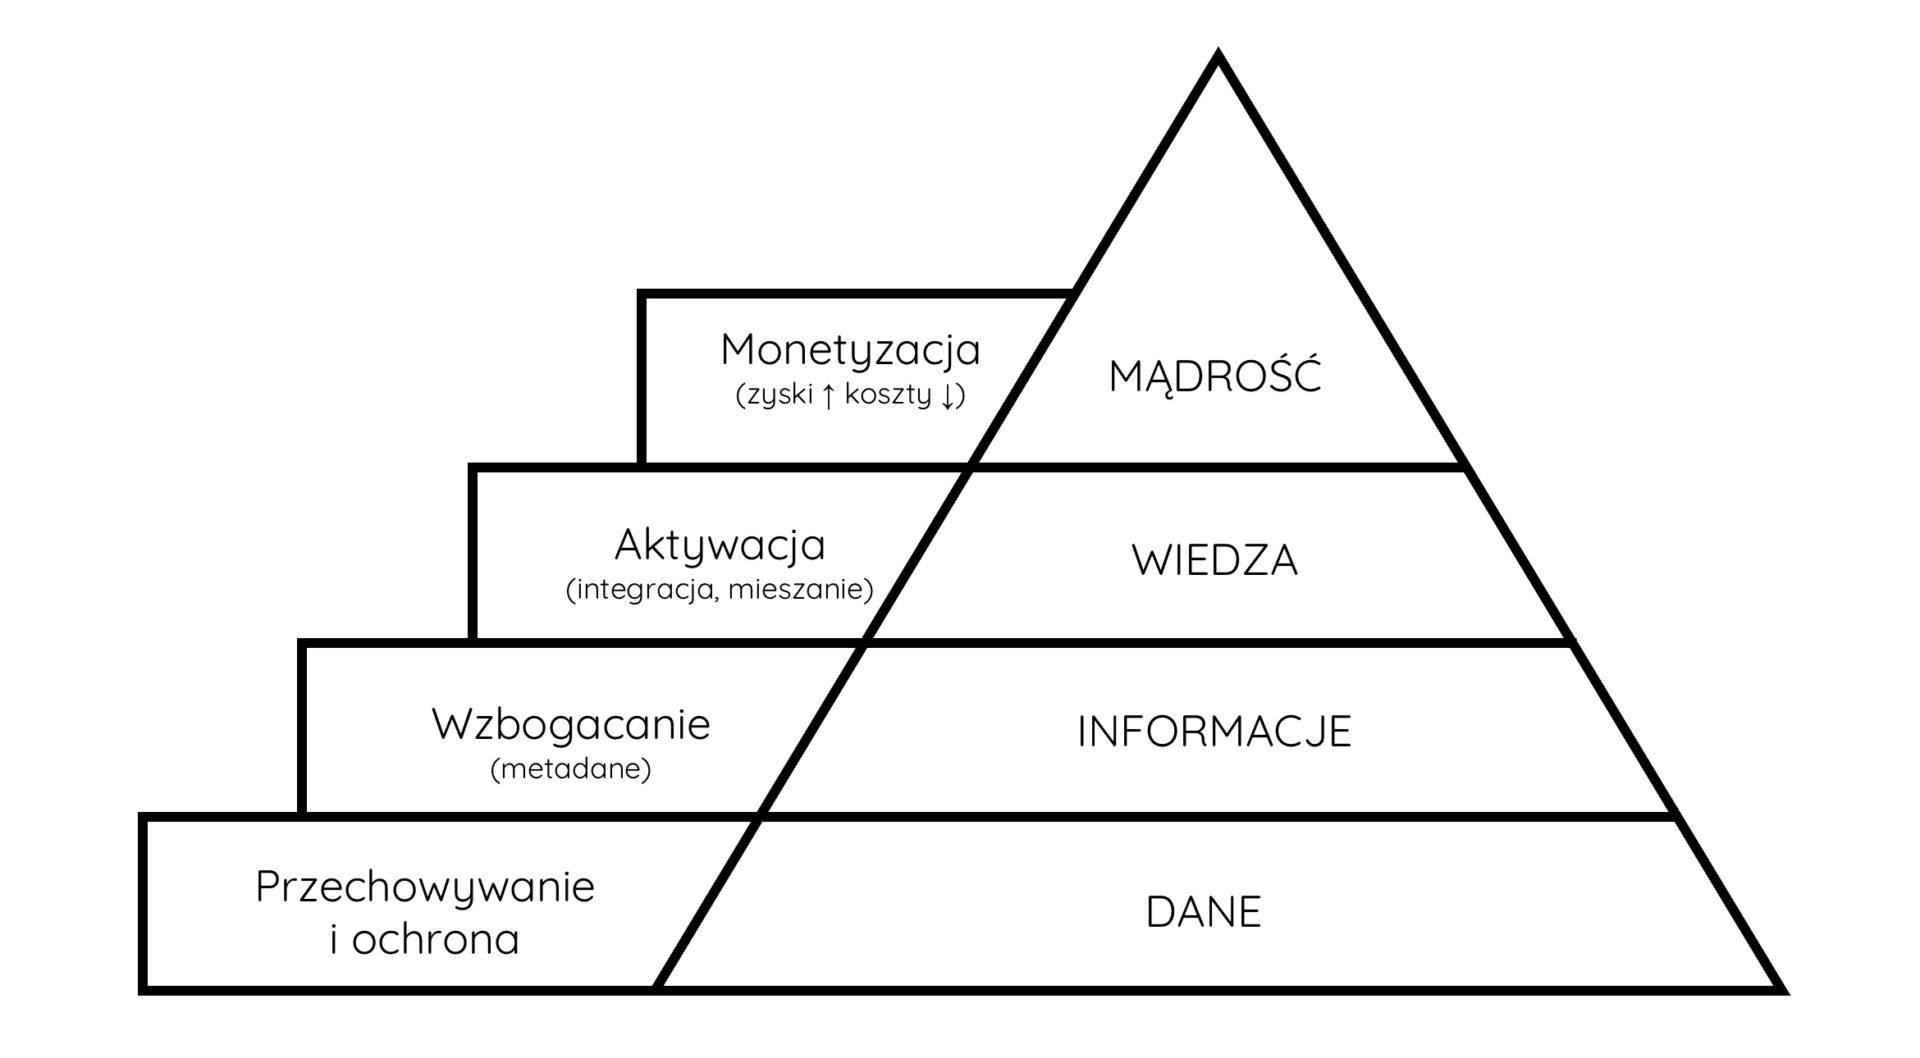 piramida informacyjna i schody do transformacji